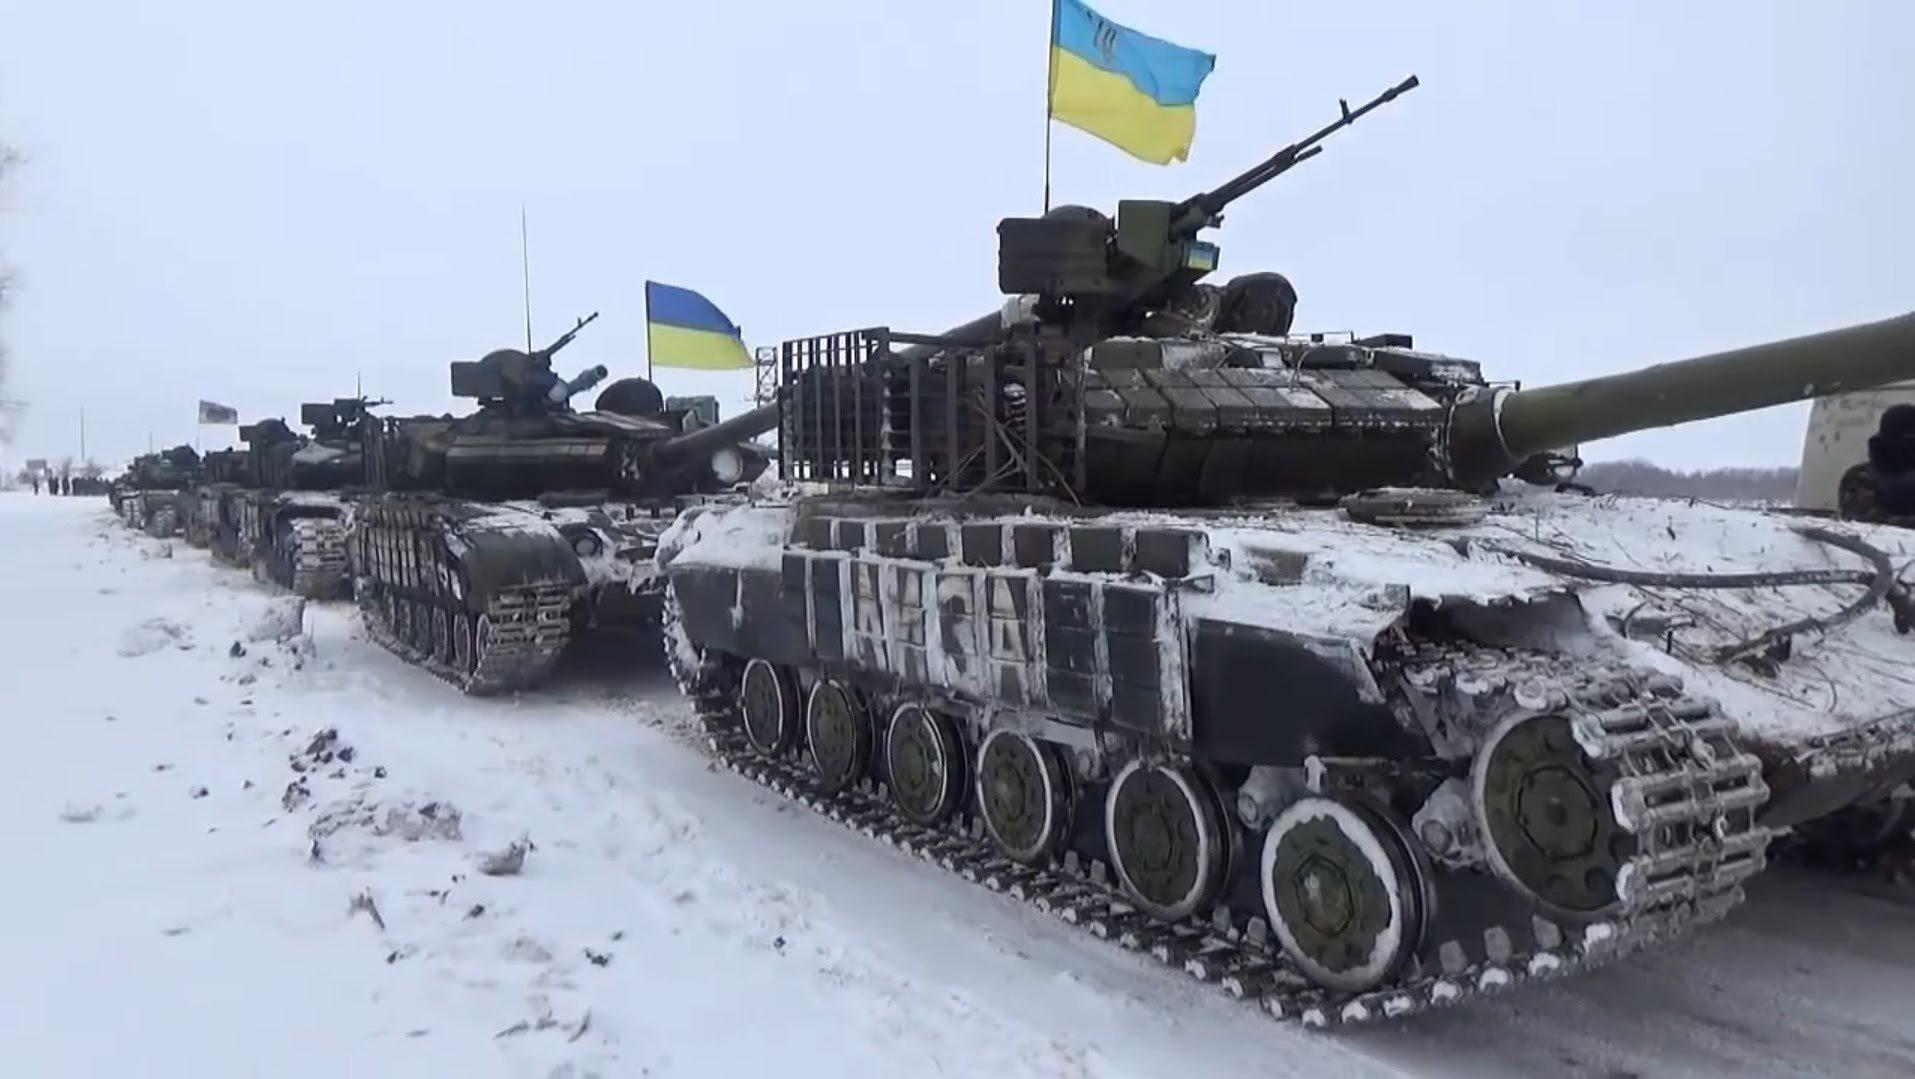 ВЛНР сообщили о стремительном обострении ситуации вДонбассе